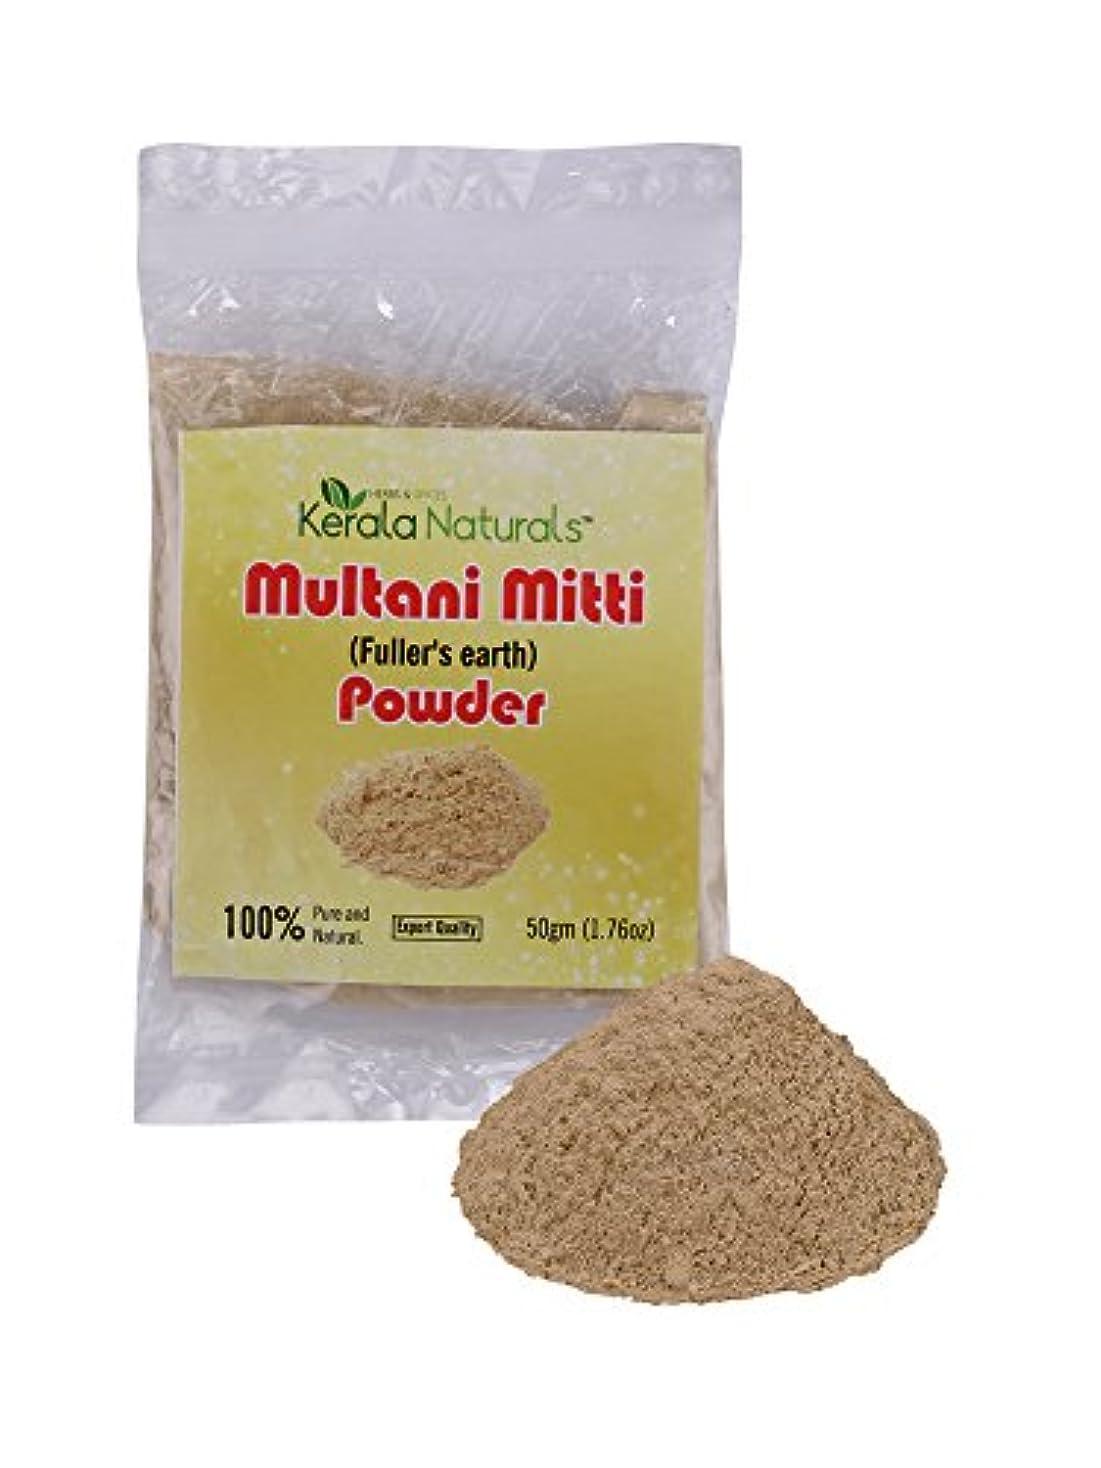 学生大宇宙揮発性Multani Mitti Powder 200gm - Anti acne & Blemishes, Glowing Skin - Multani Mittiパウダー200gm-にきび&傷、輝く肌